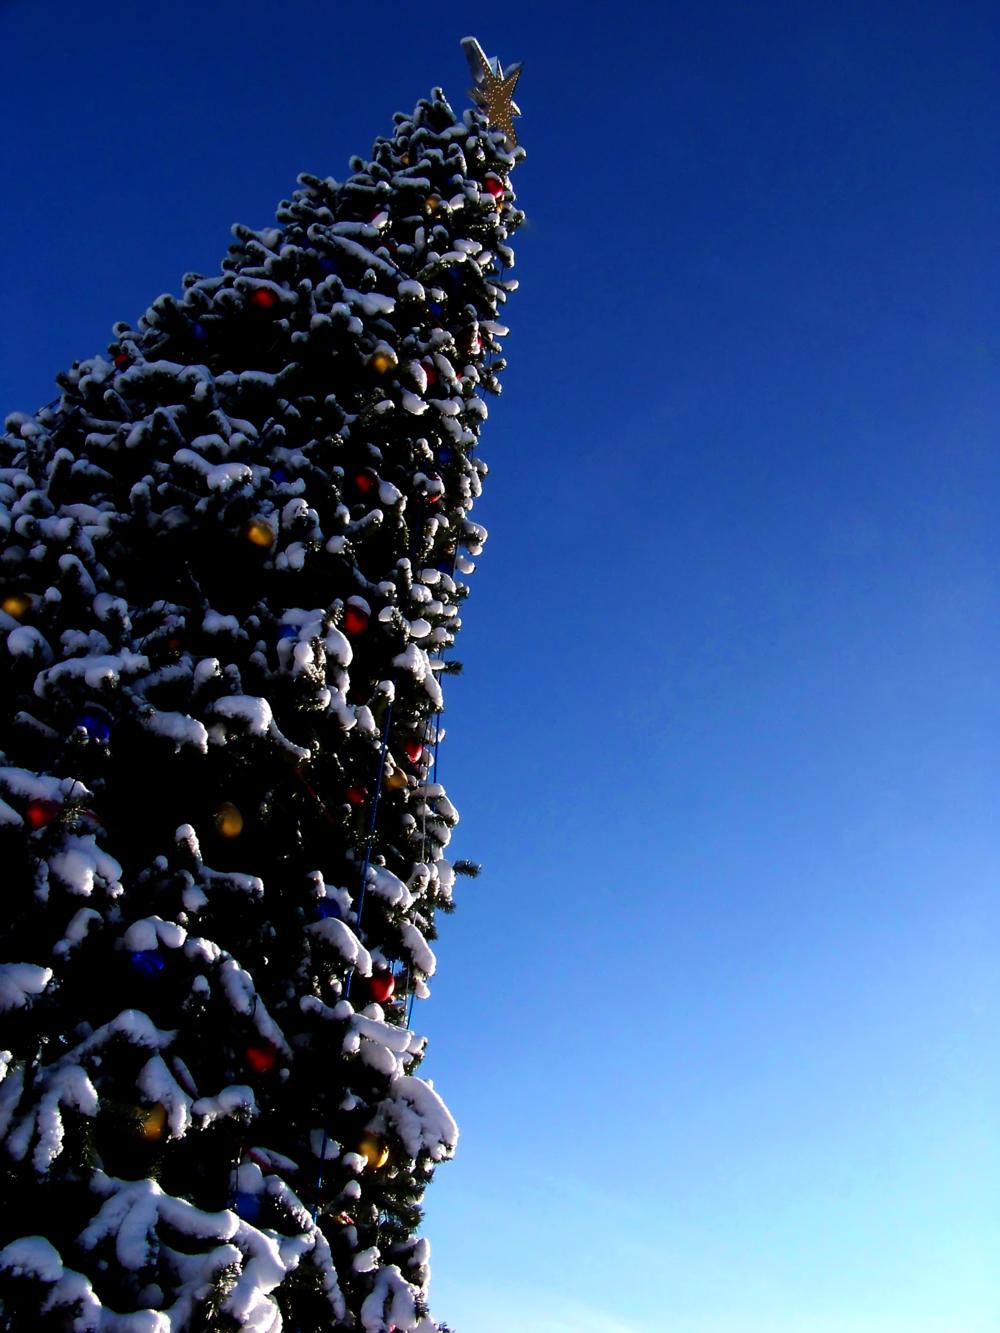 дни фото городской новогодней елки в г мелеуз того, они могут